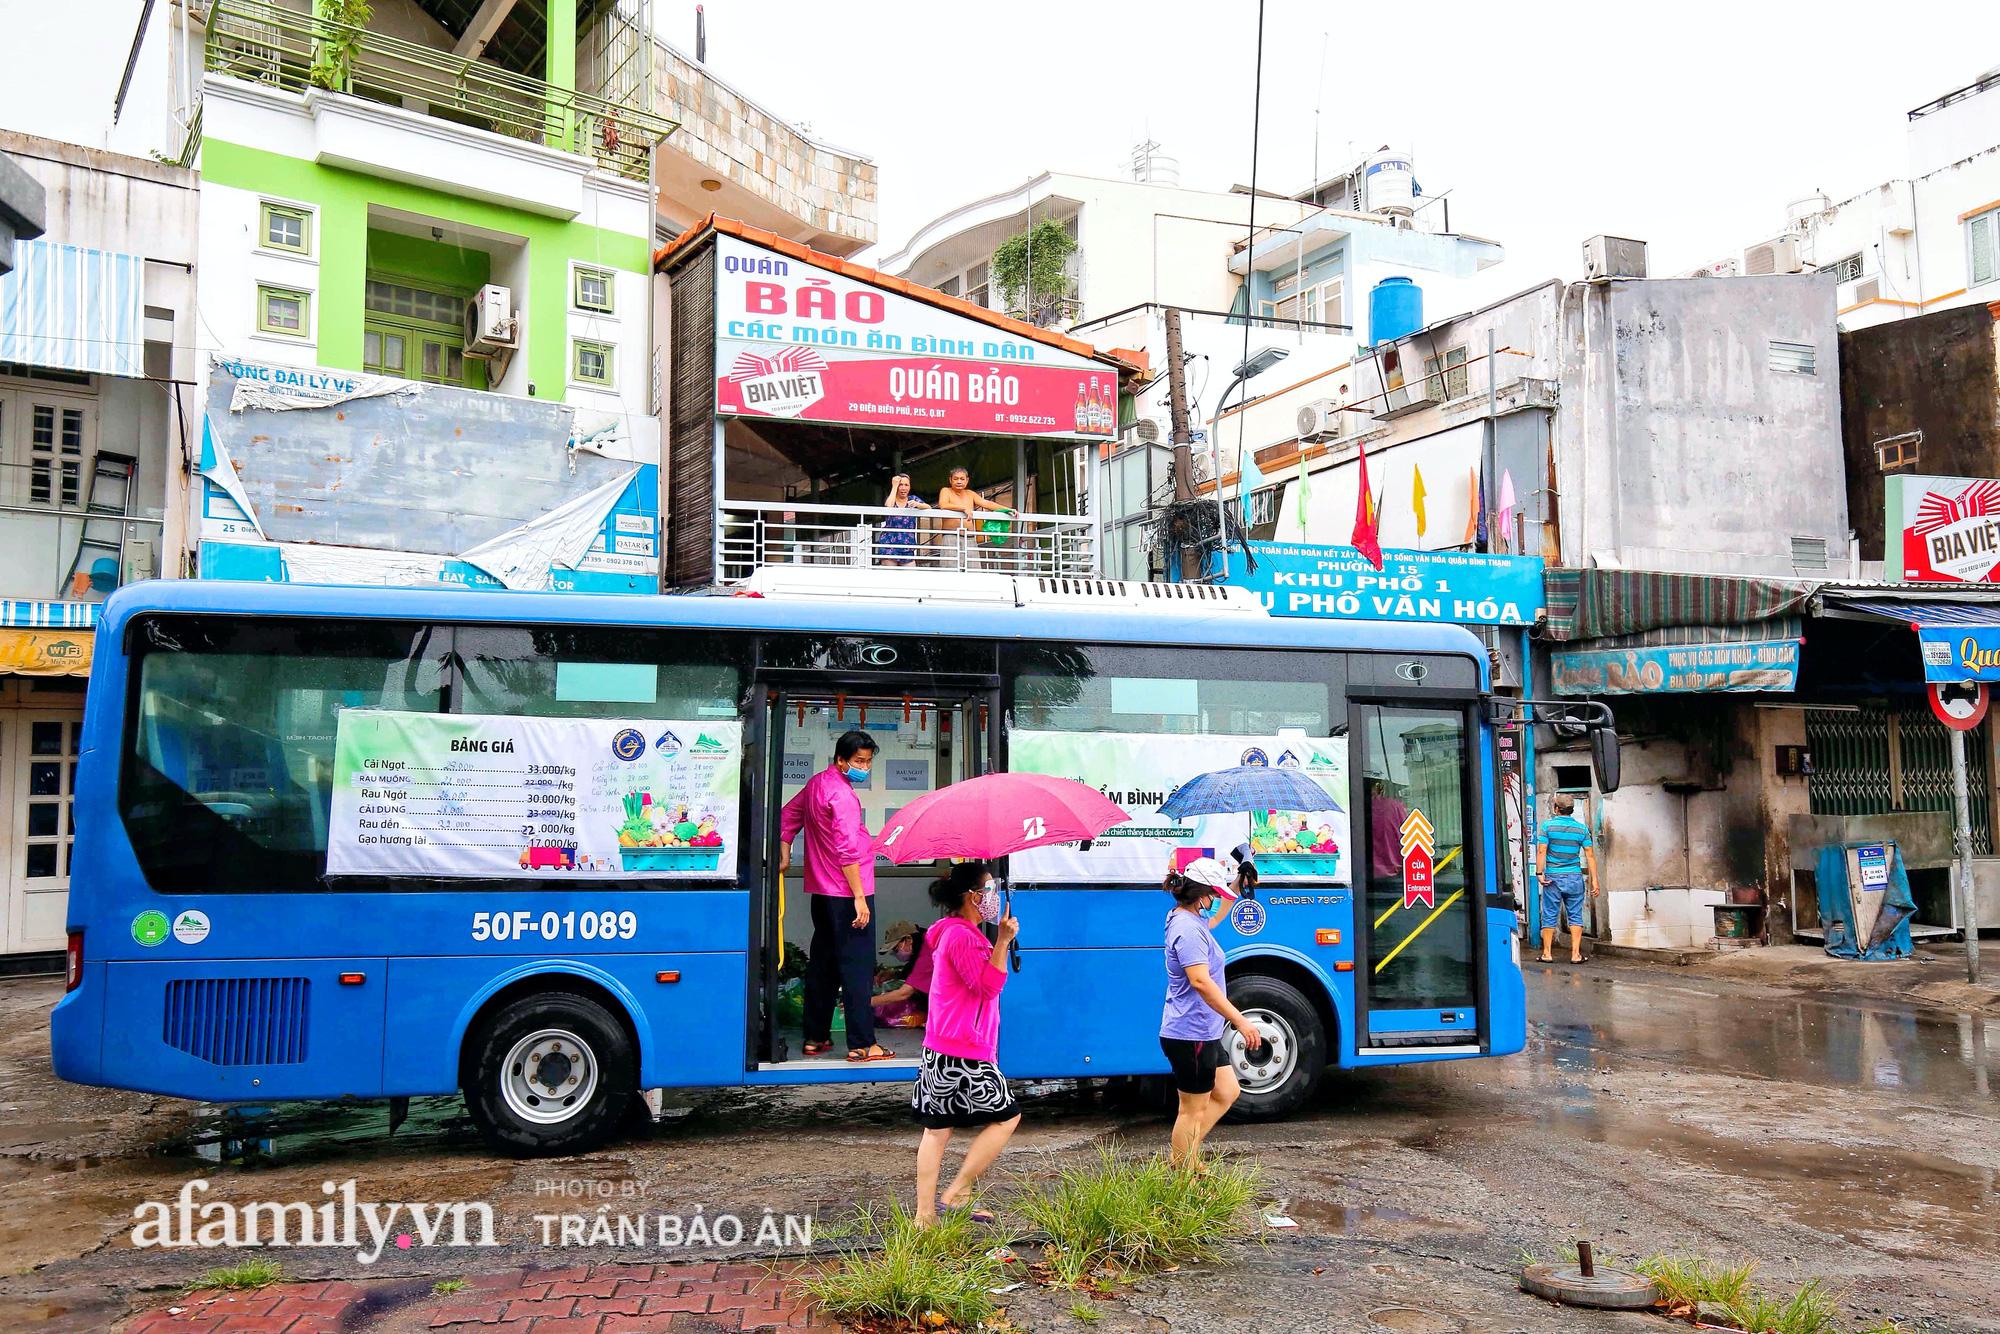 Người Sài Gòn lên xe buýt để... mua rau củ, thịt cá giá bình ổn, đảm bảo an toàn đủ các bước nhưng quan trọng chất lượng liệu ra sao? - Ảnh 2.